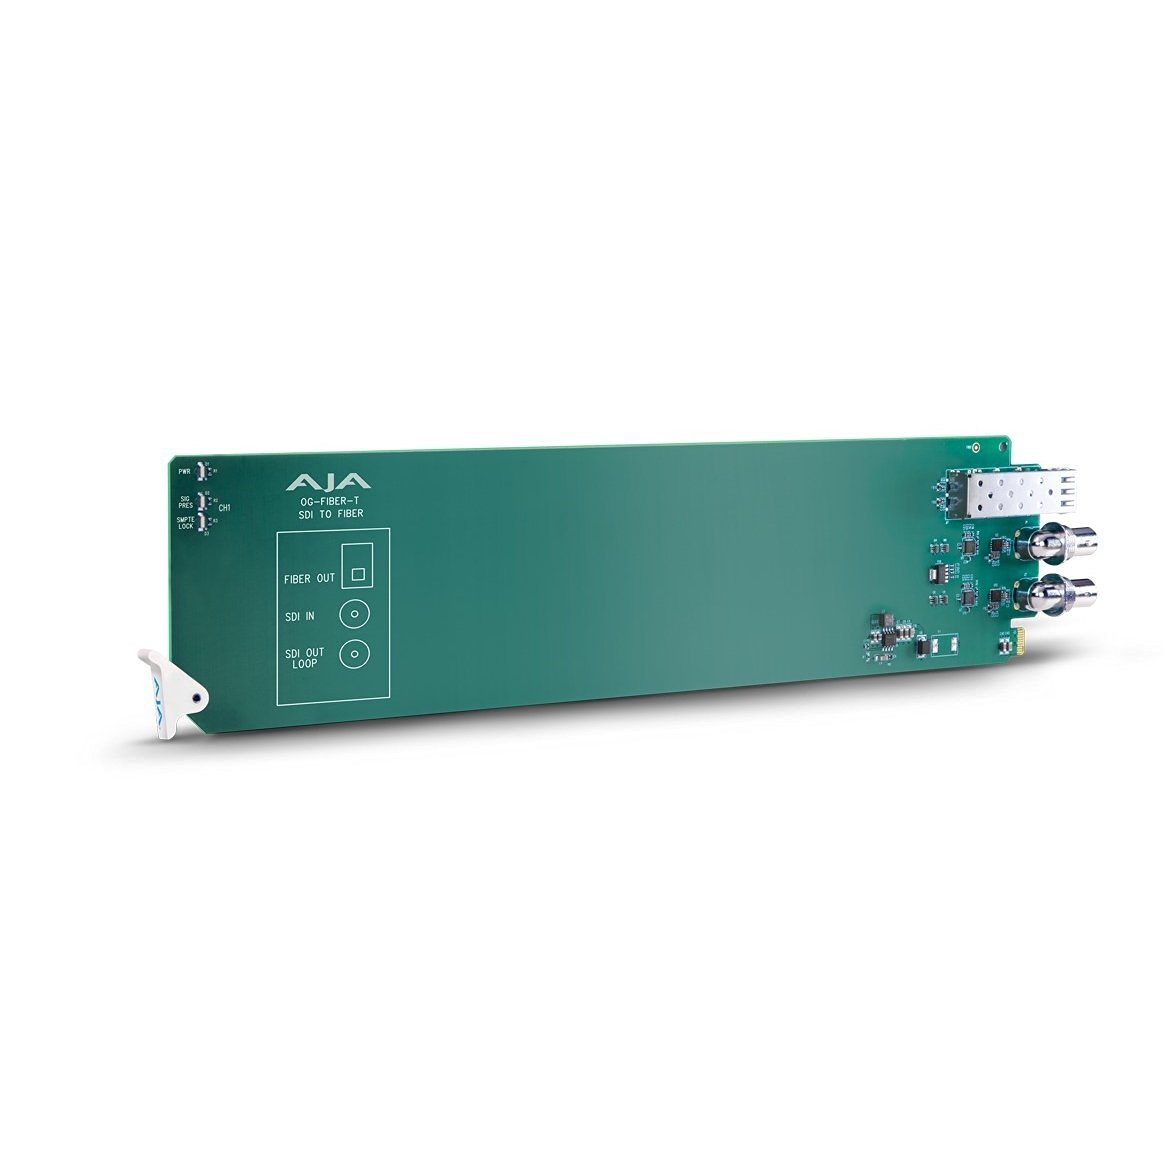 AJA openGear 1-channel SDI to Fiber Converter (OG-FIBER-T)